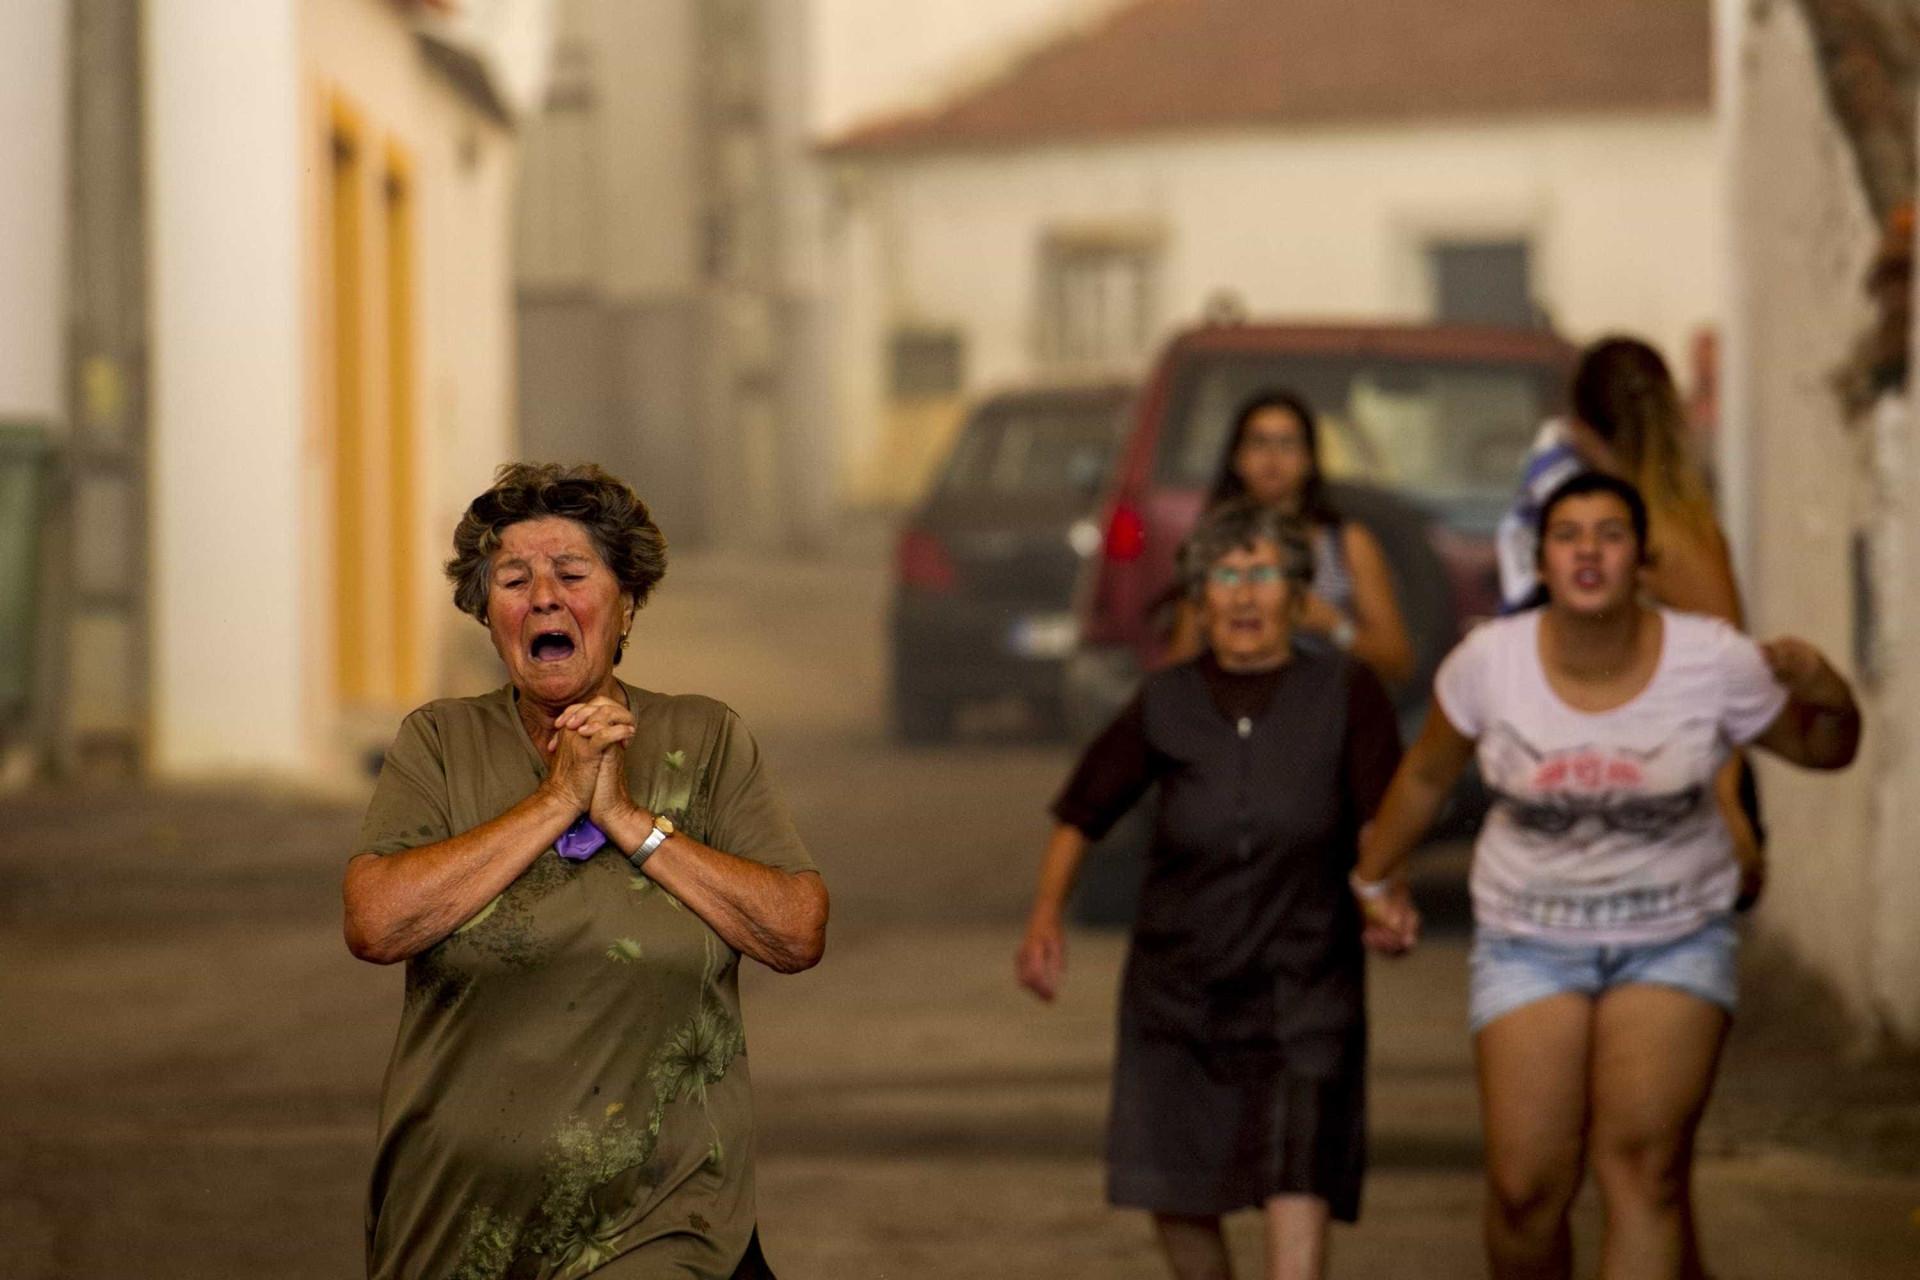 Quatro aldeias evacuadas em Abrantes, ardeu casa de primeira habitação